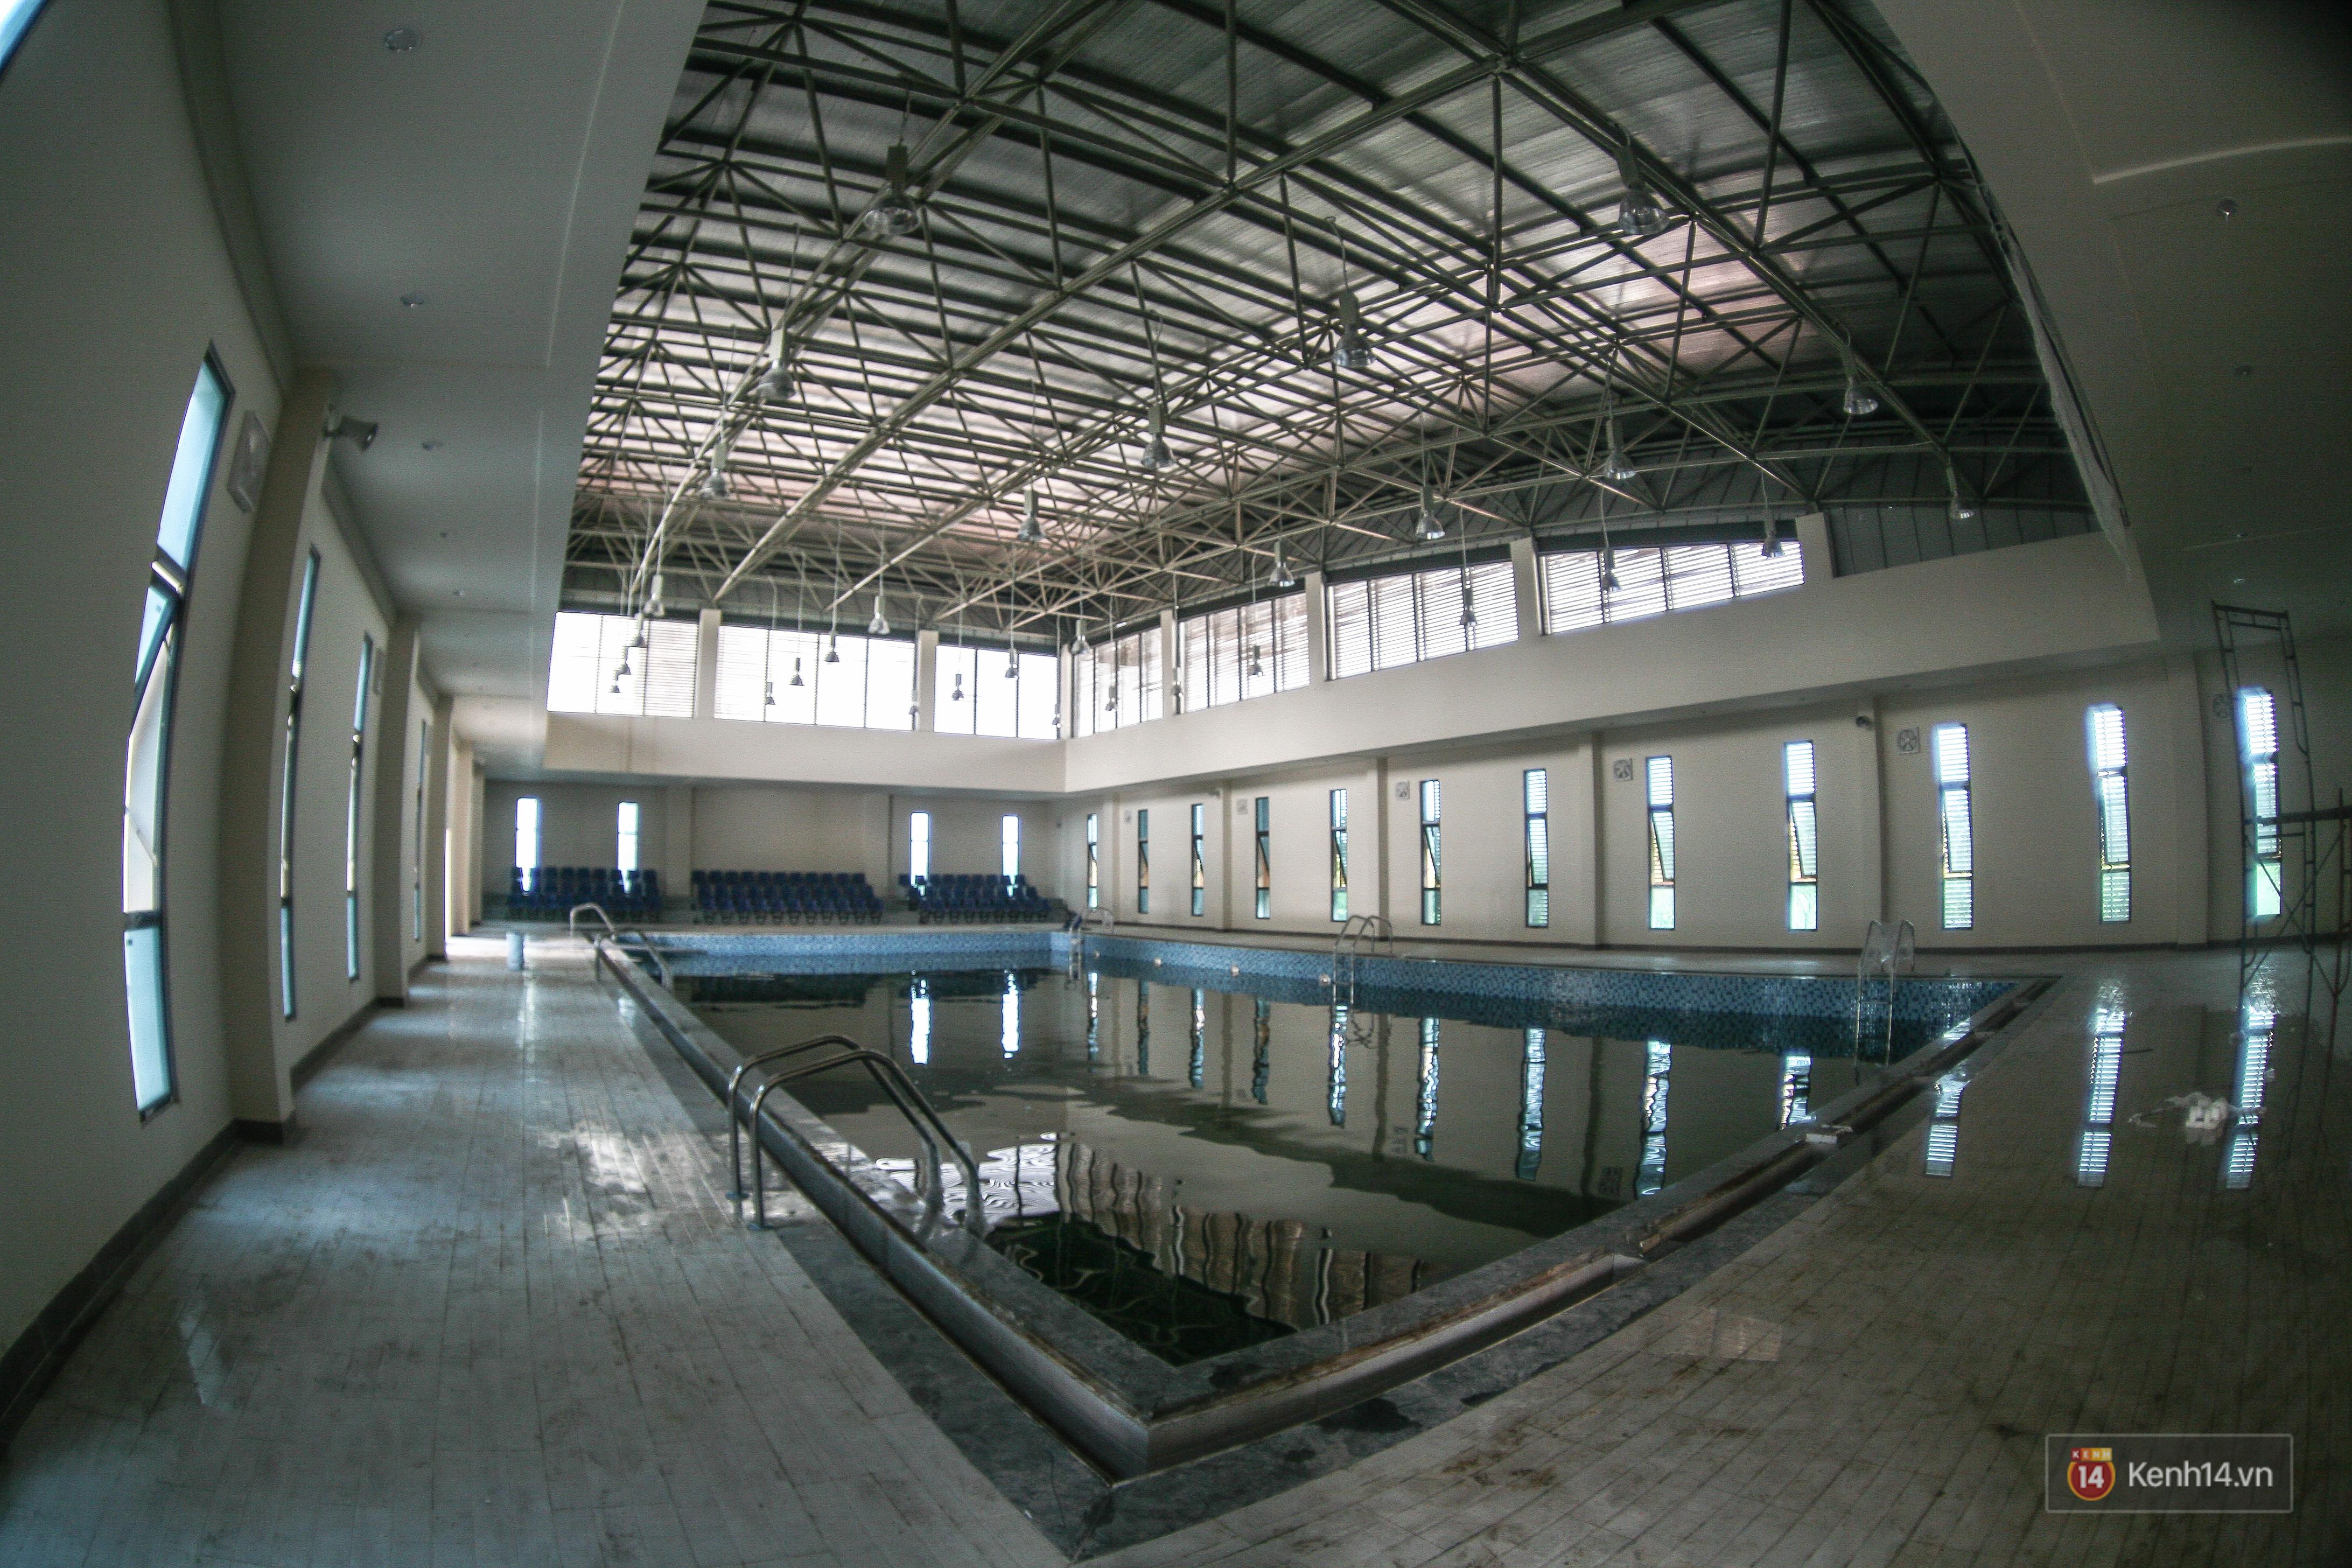 Cận cảnh ngôi trường chuyên 600 tỉ của Bắc Ninh: Đẹp, sang và Tây hết nấc! - Ảnh 11.